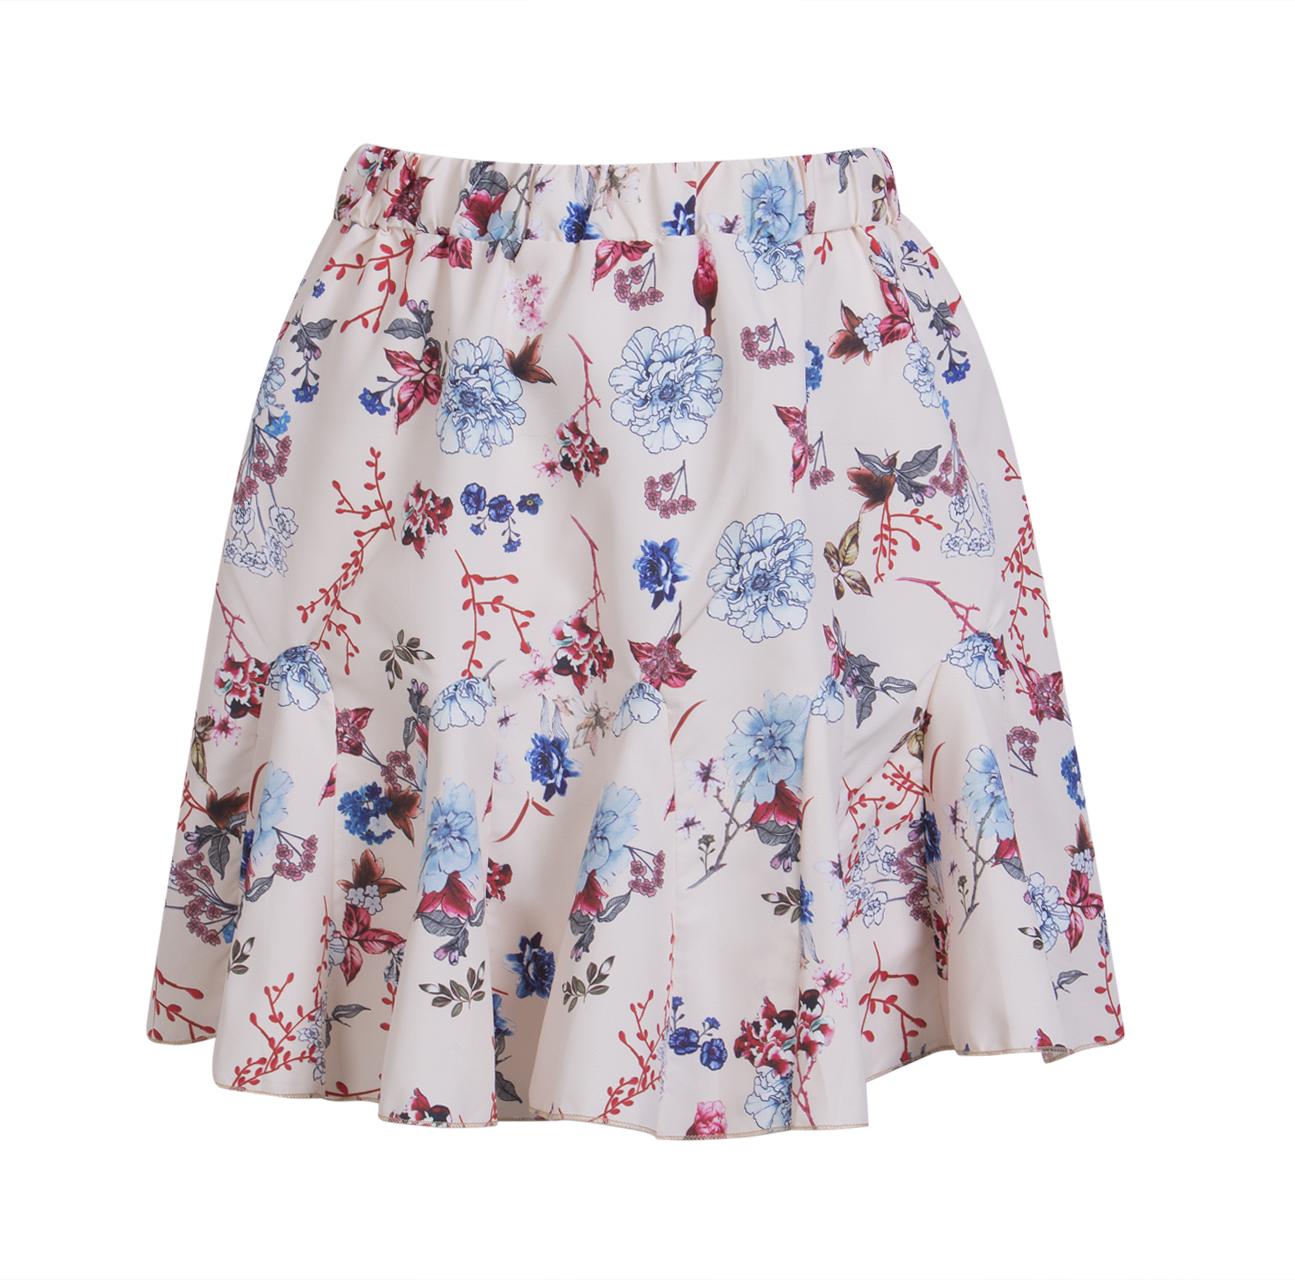 HTB1kJuuSpXXXXa6XFXXq6xXFXXXU - Women Floral Mini Skirt JKP090